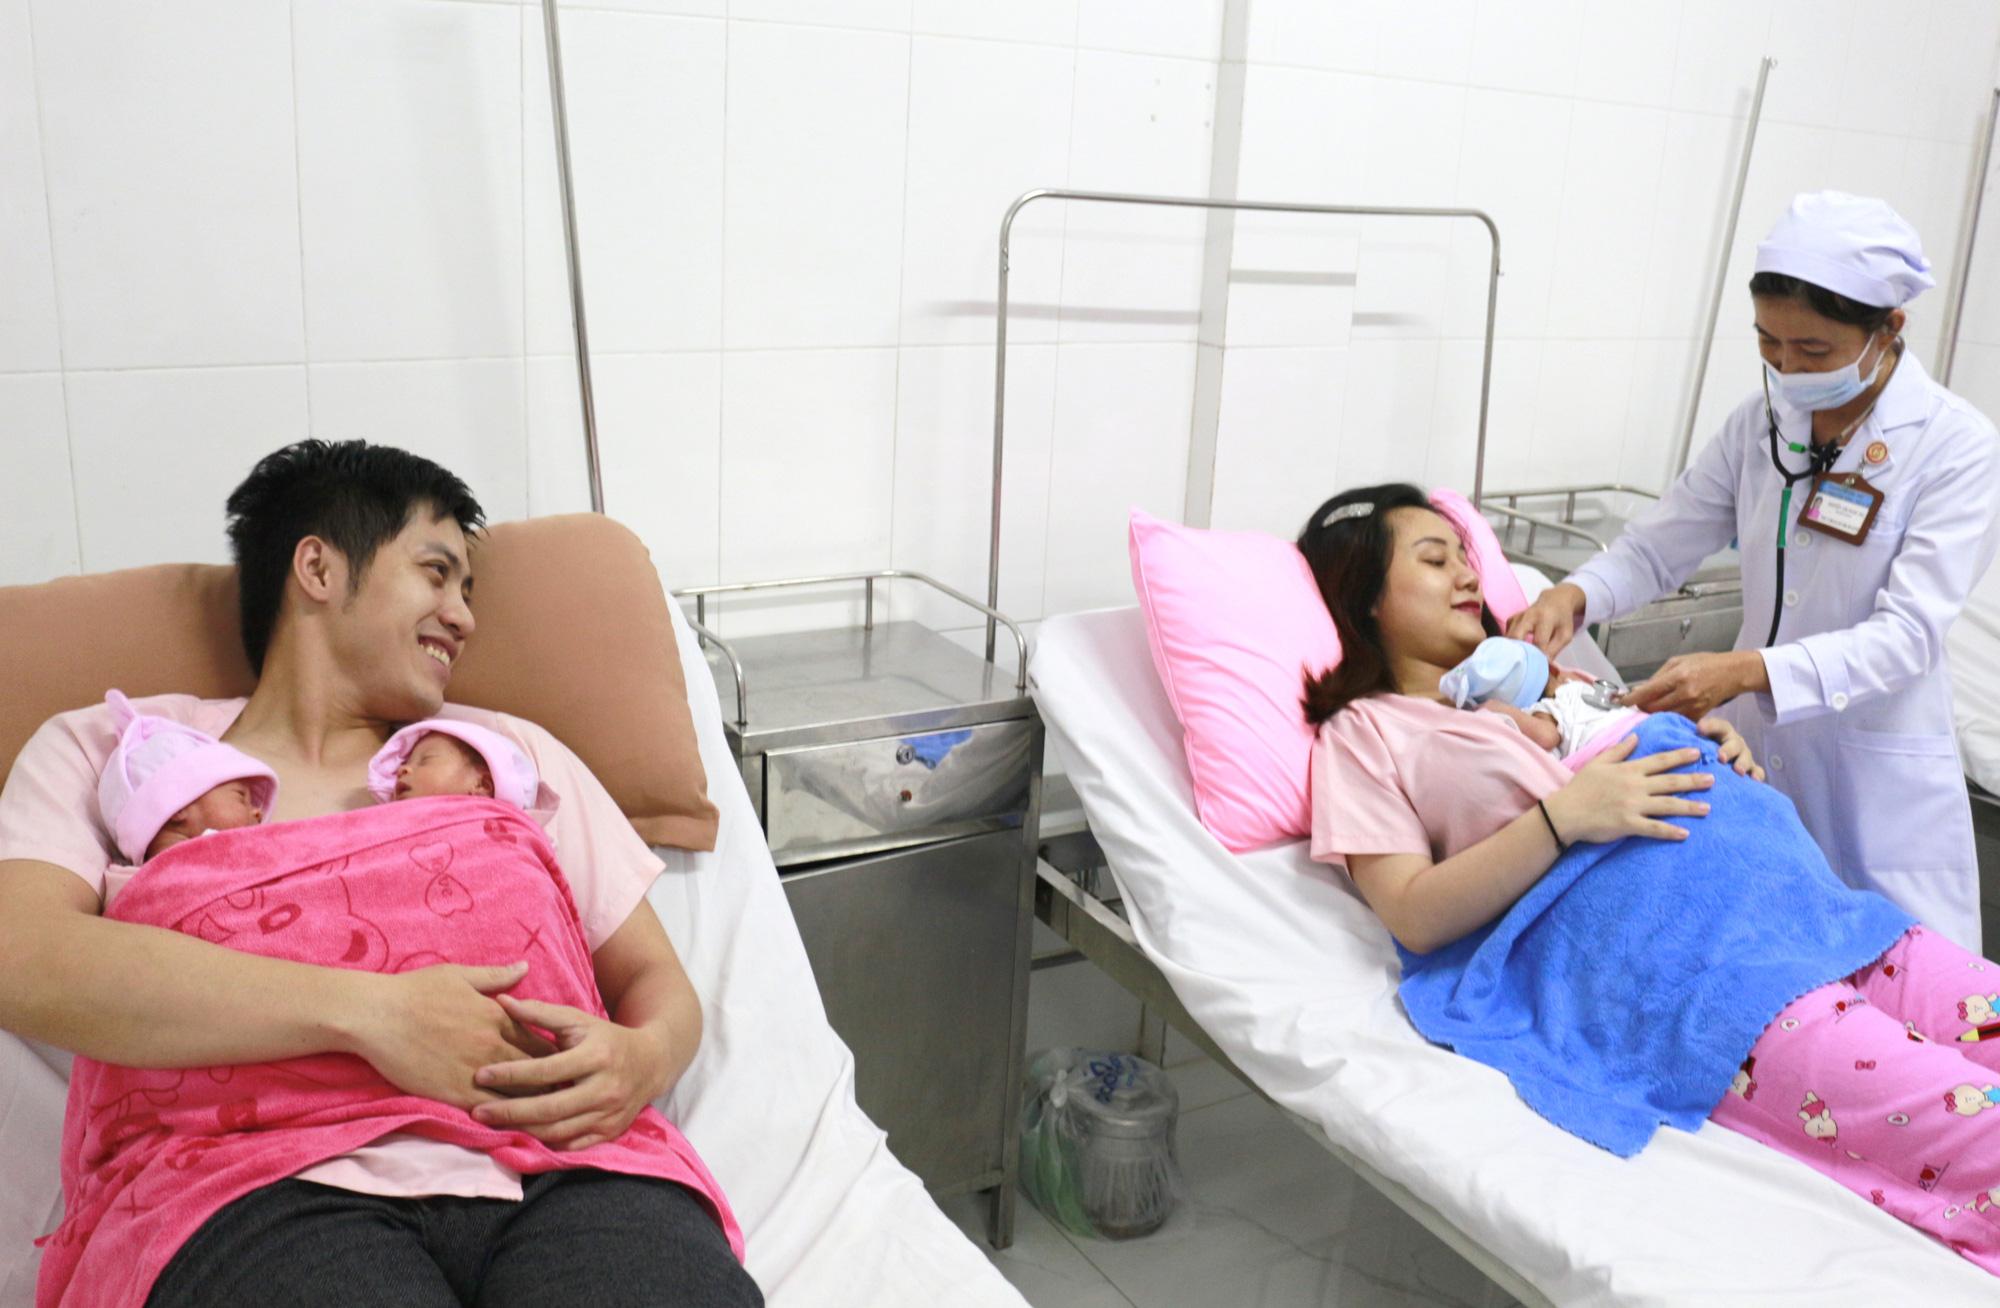 Cần Thơ: Hy hữu trong một tháng có 2 trường hợp tam thai tự nhiên hiếm gặp - Ảnh 4.